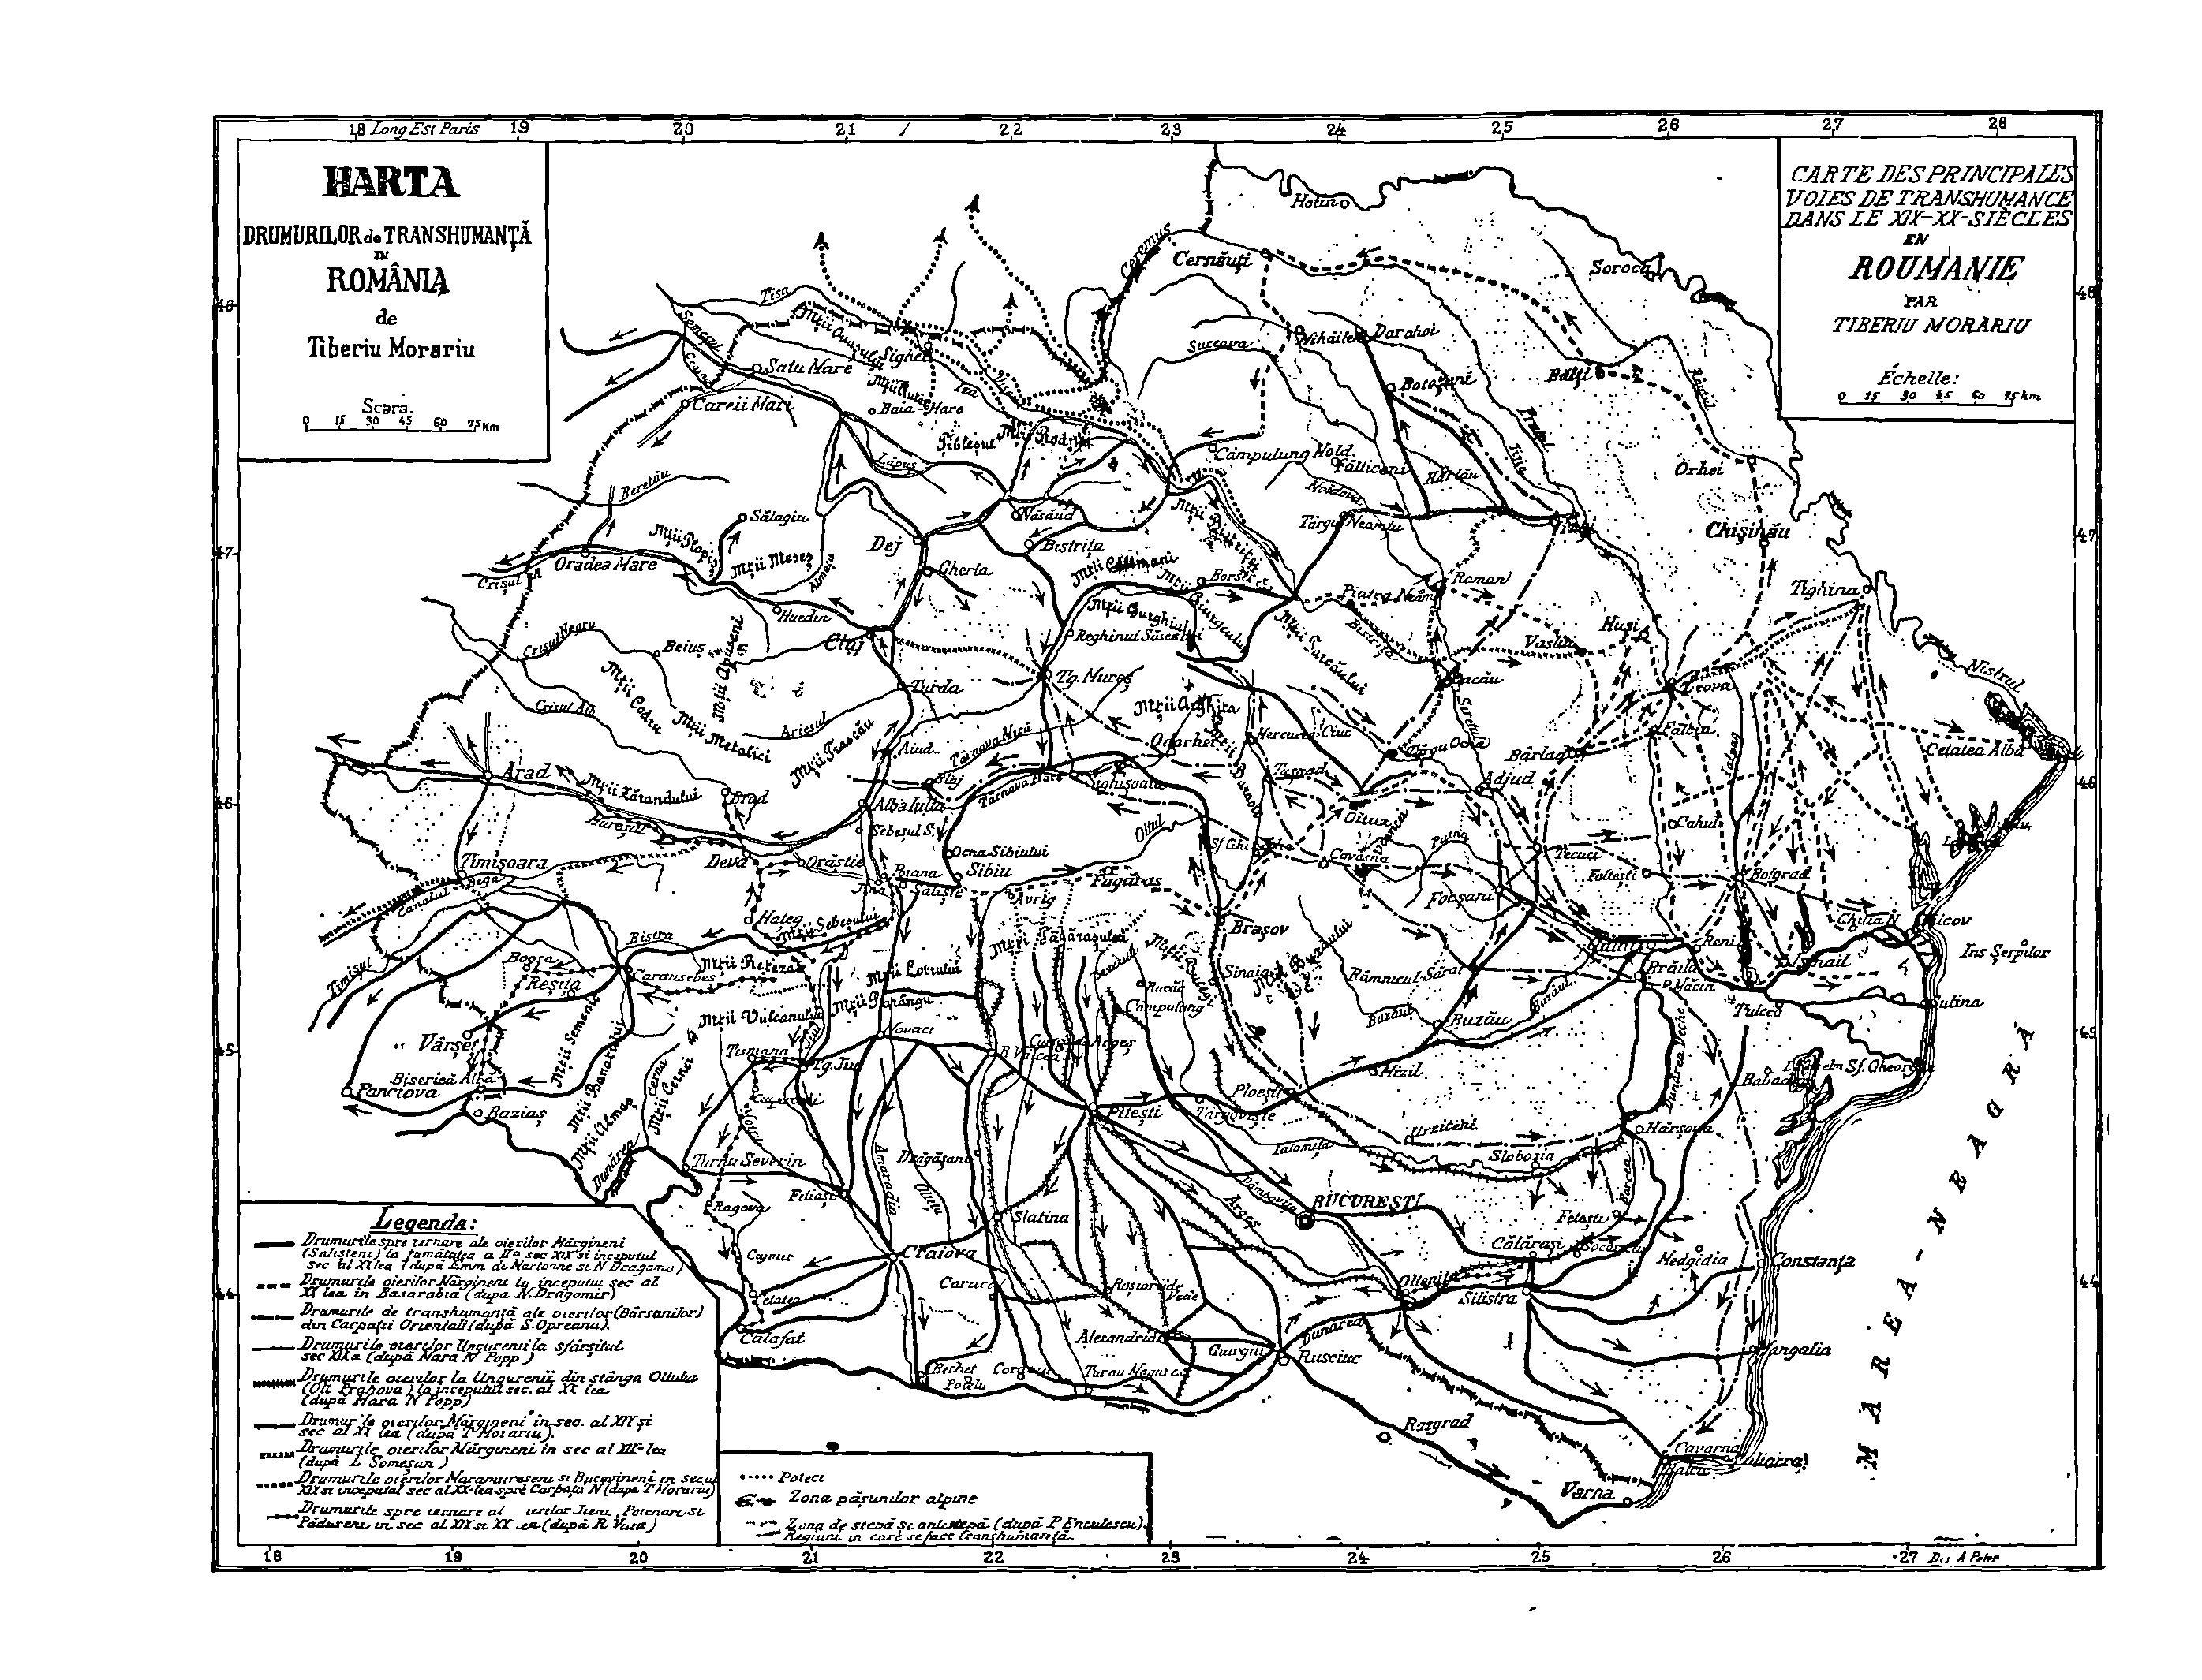 File Harta Drumurilor De Transhumanță In Romania Jpg Wikimedia